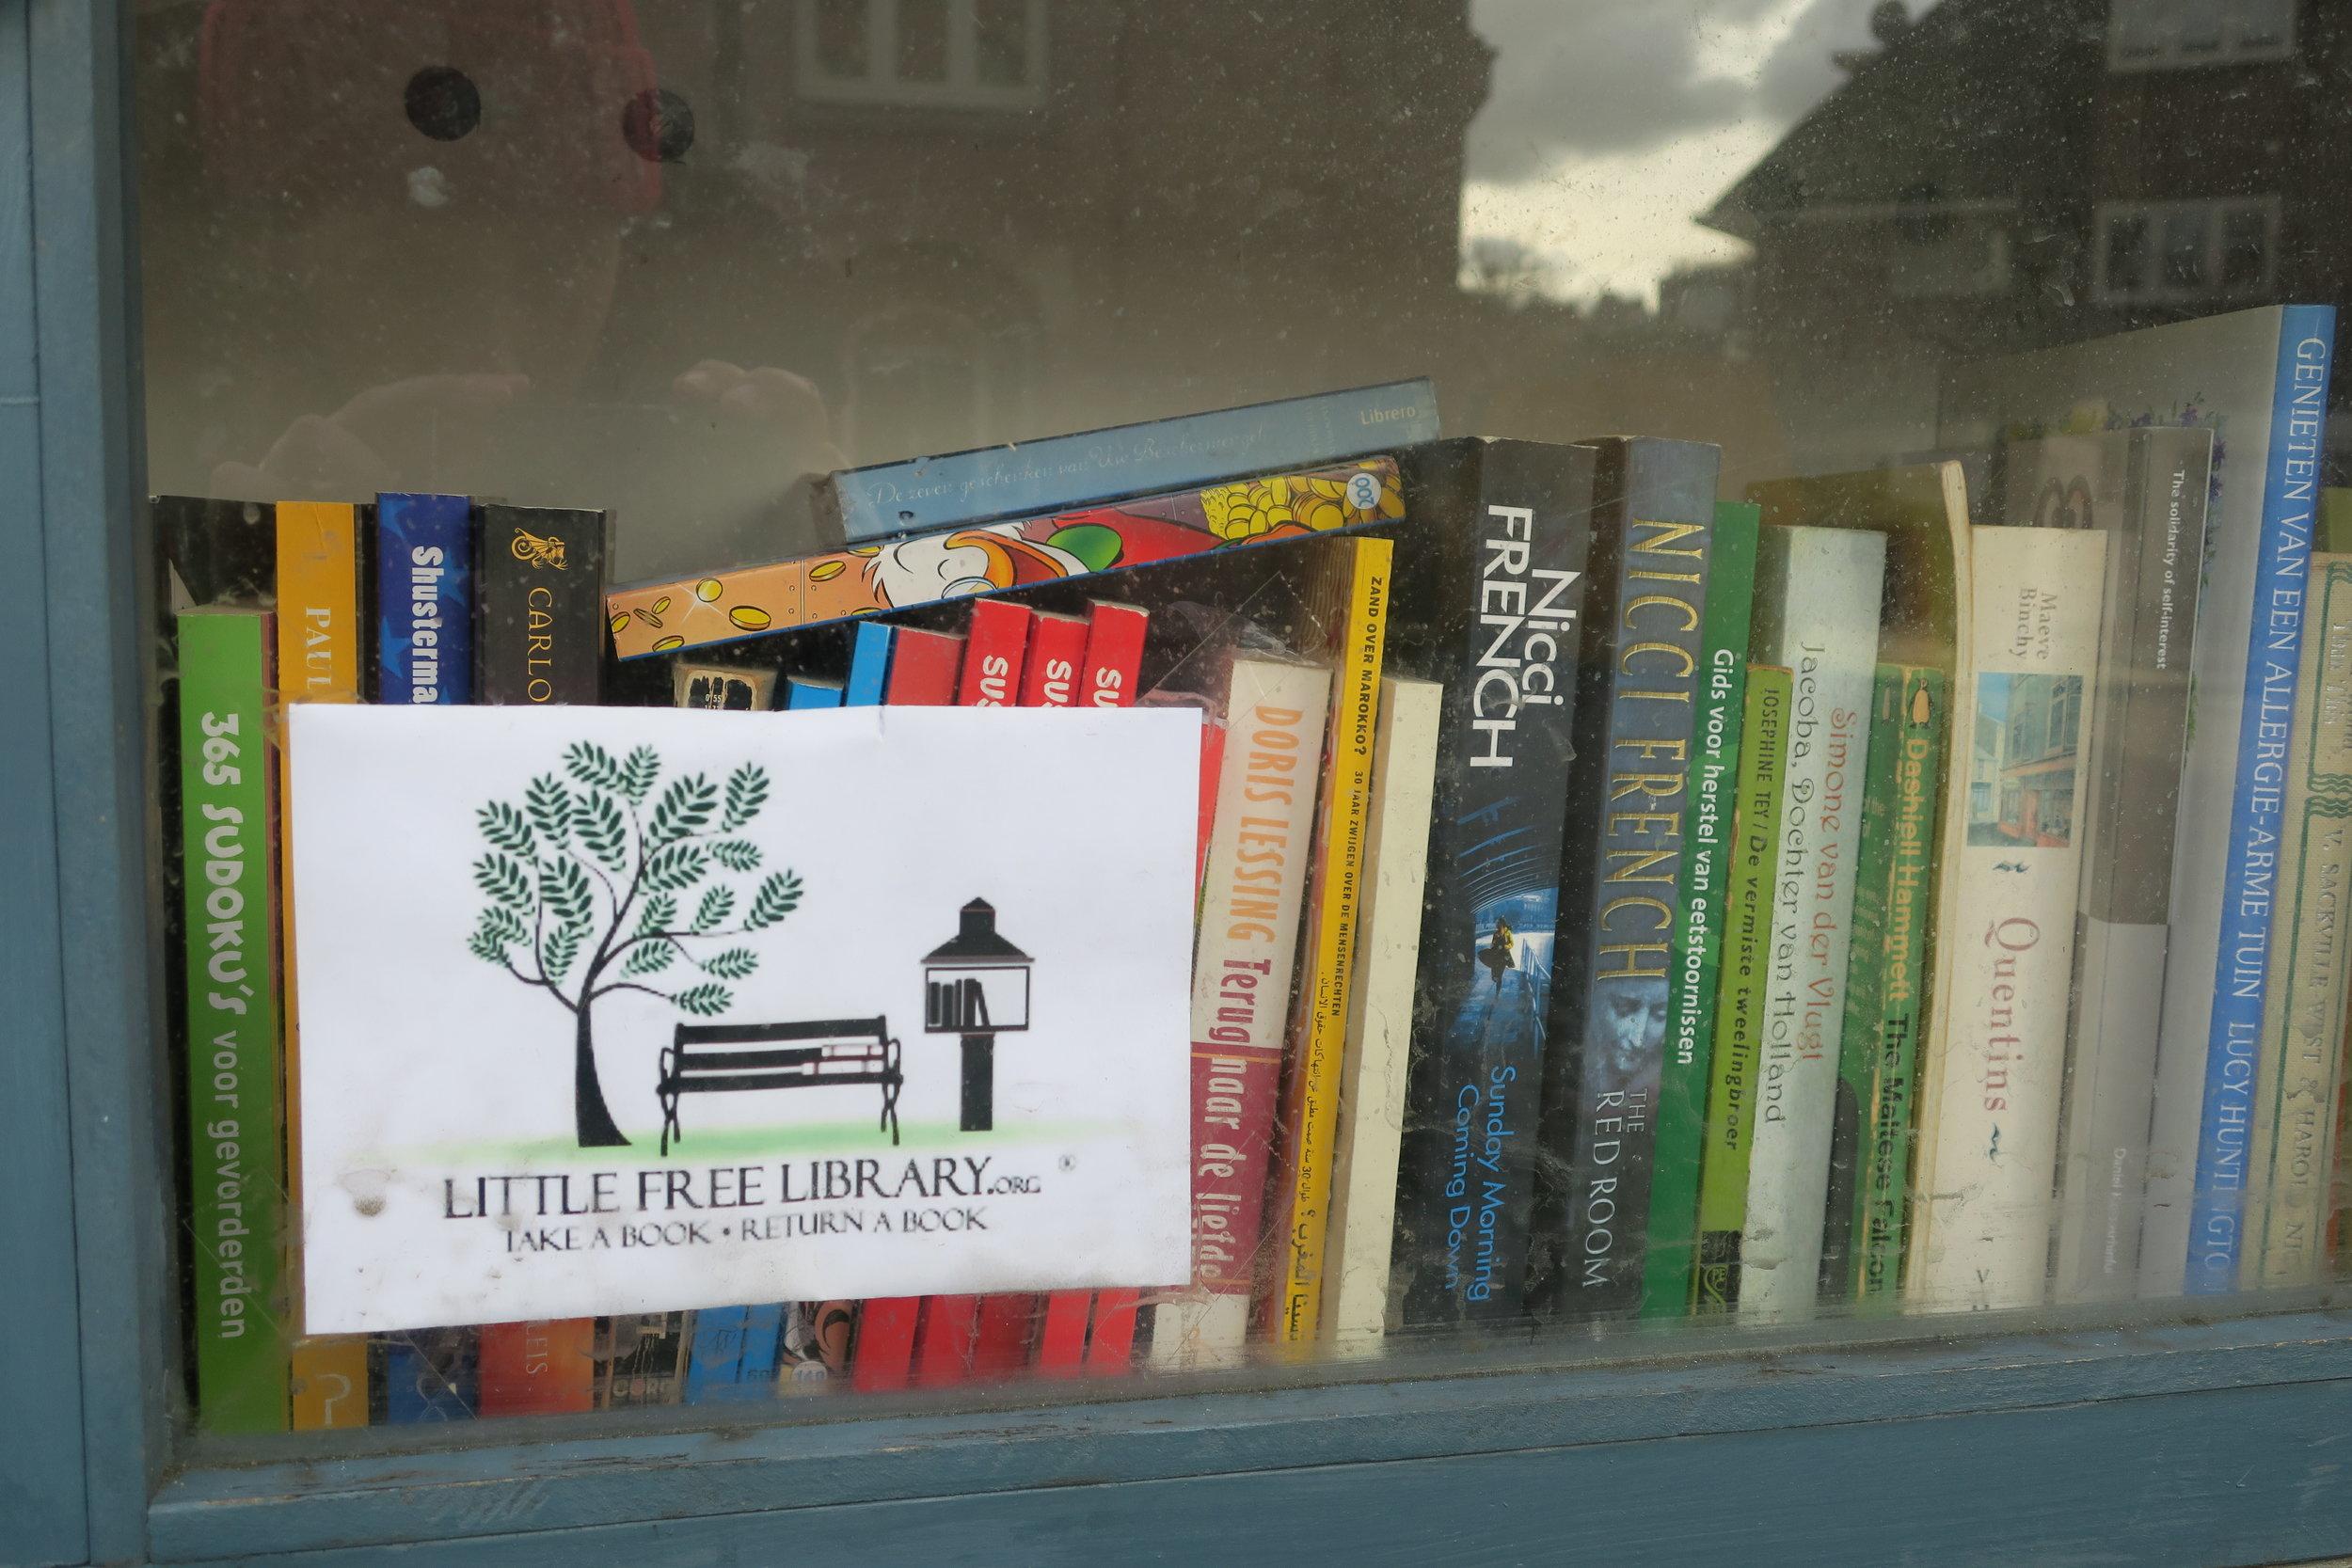 Nessa biblioteca tem livros em holandês e poucos em inglês.